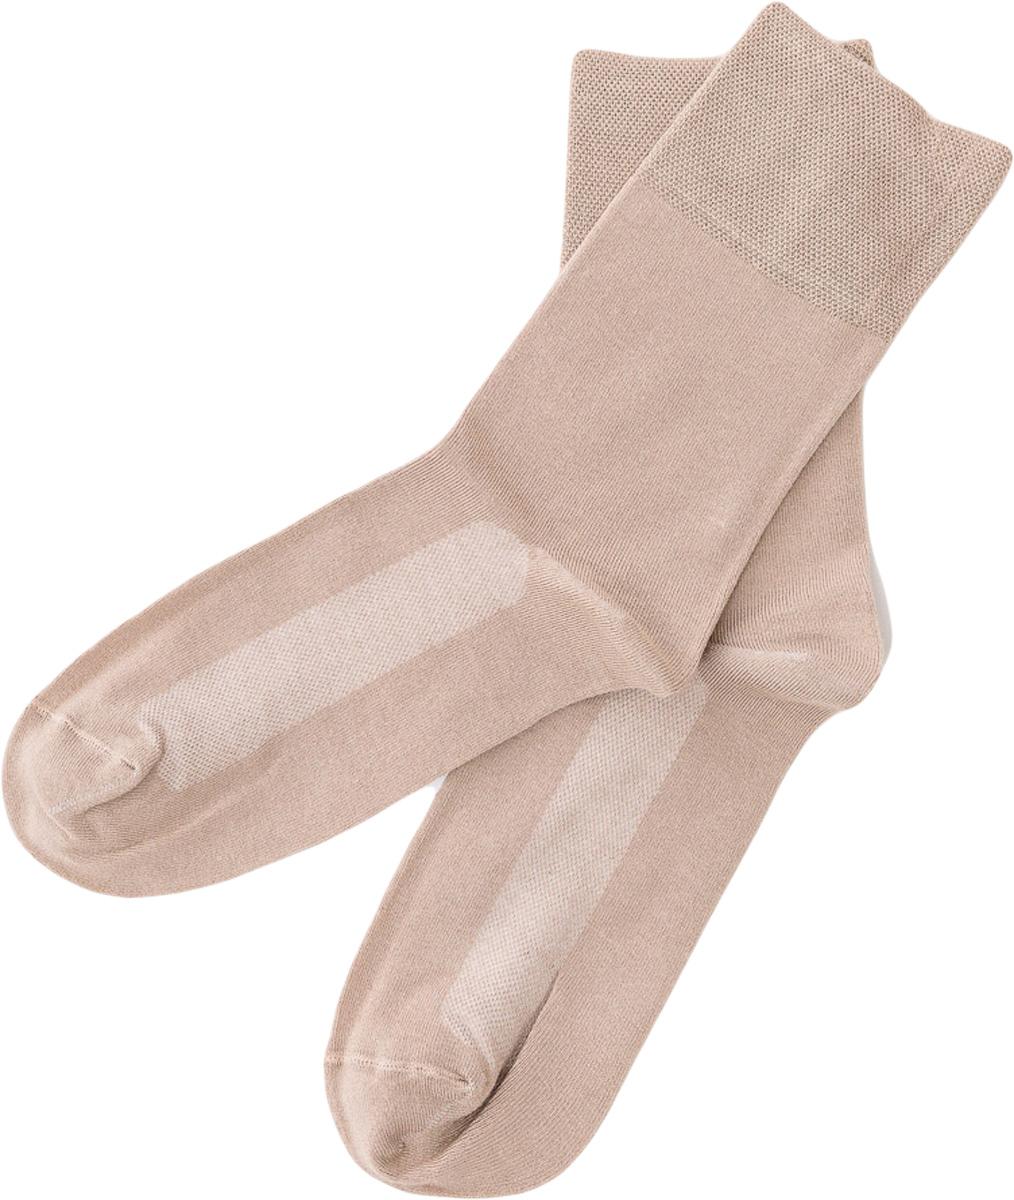 Носки мужские Mark Formelle, цвет: бежевый. 055K-131. Размер 44/45055K-131Удобные носки от Mark Formelle с охлаждающим эффектом Cooling Effect, изготовленные из высококачественного бамбукового материала с добавлением полиамида и эластана, очень мягкие и приятные на ощупь, позволяют коже дышать. Эластичная резинка плотно облегает ногу, не сдавливая ее, обеспечивая комфорт и удобство.